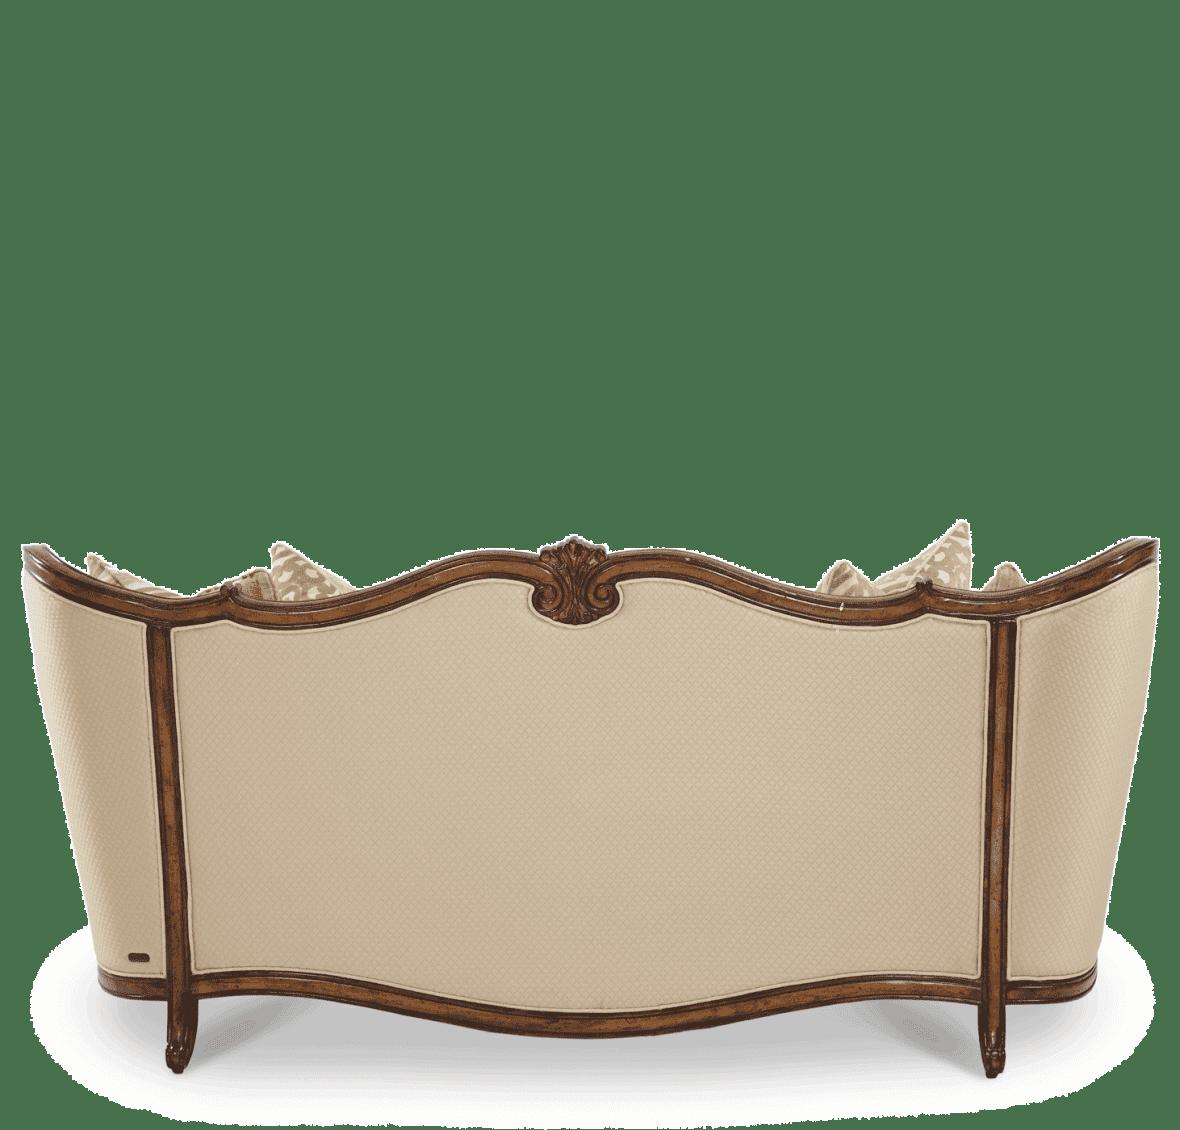 Софа трехместная Бисквит